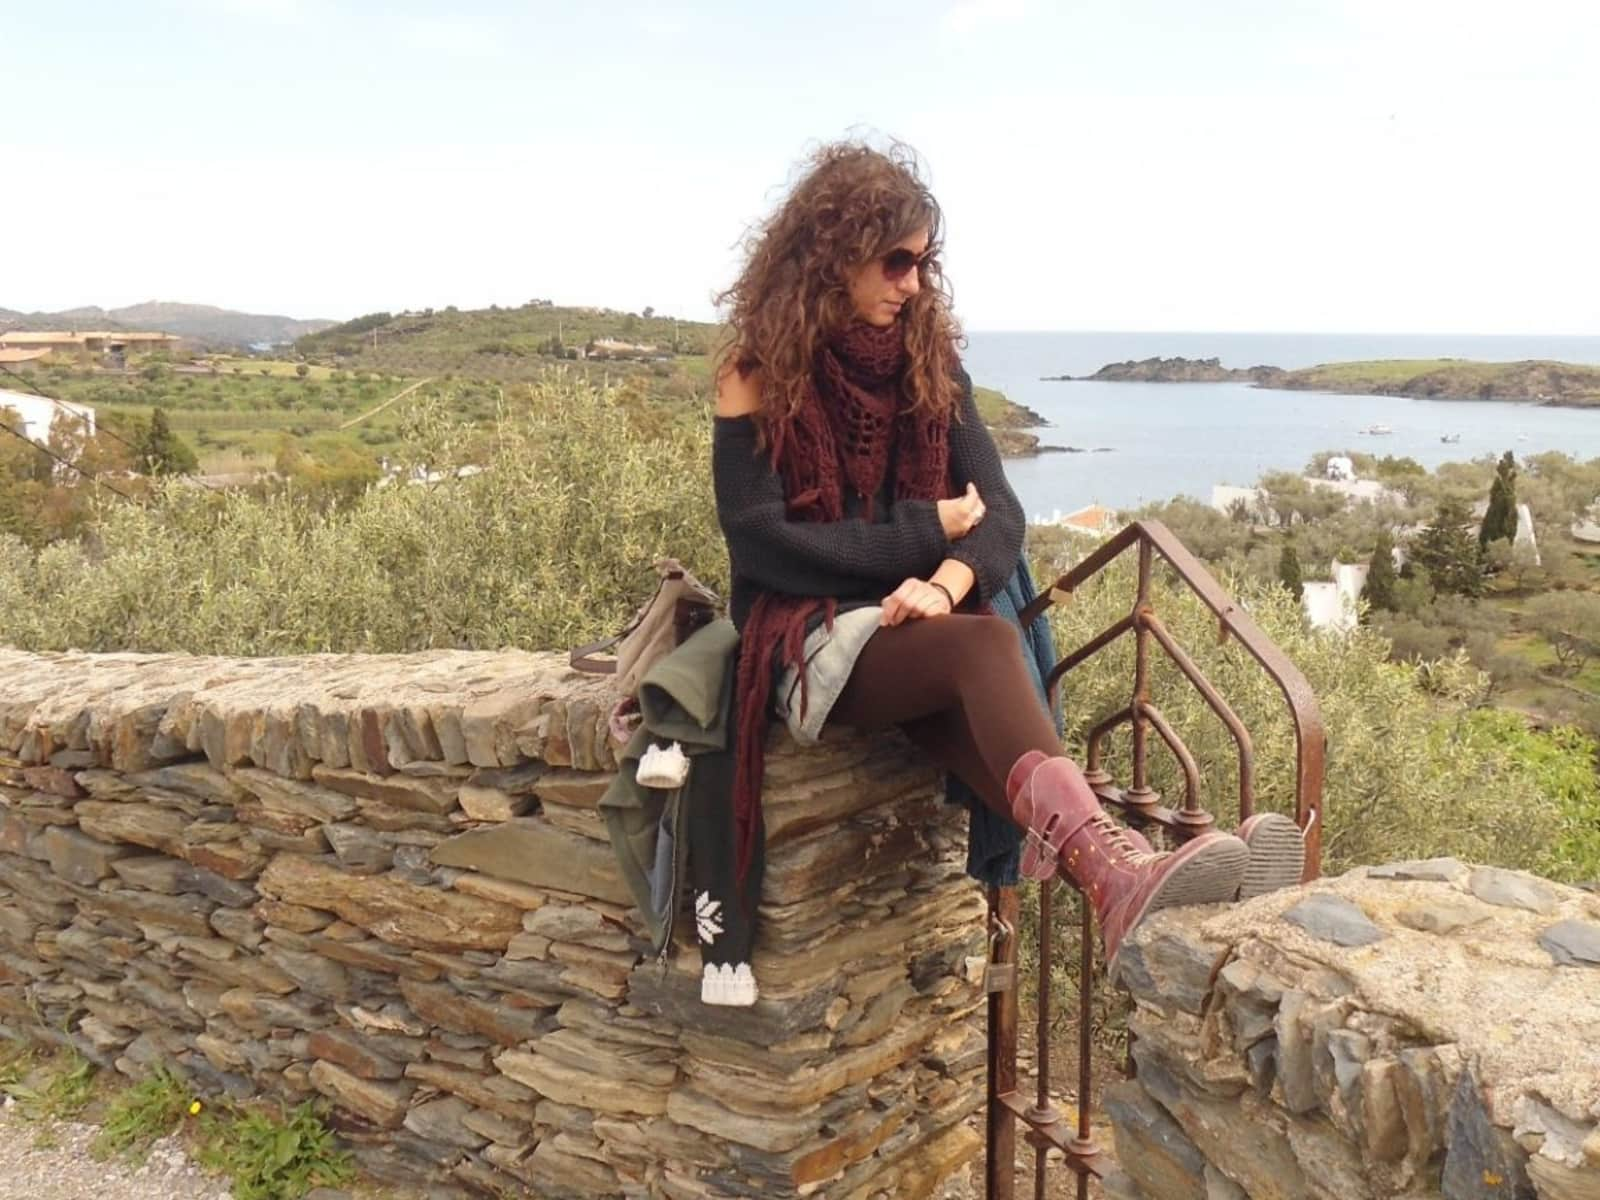 Ana from Zaragoza, Spain